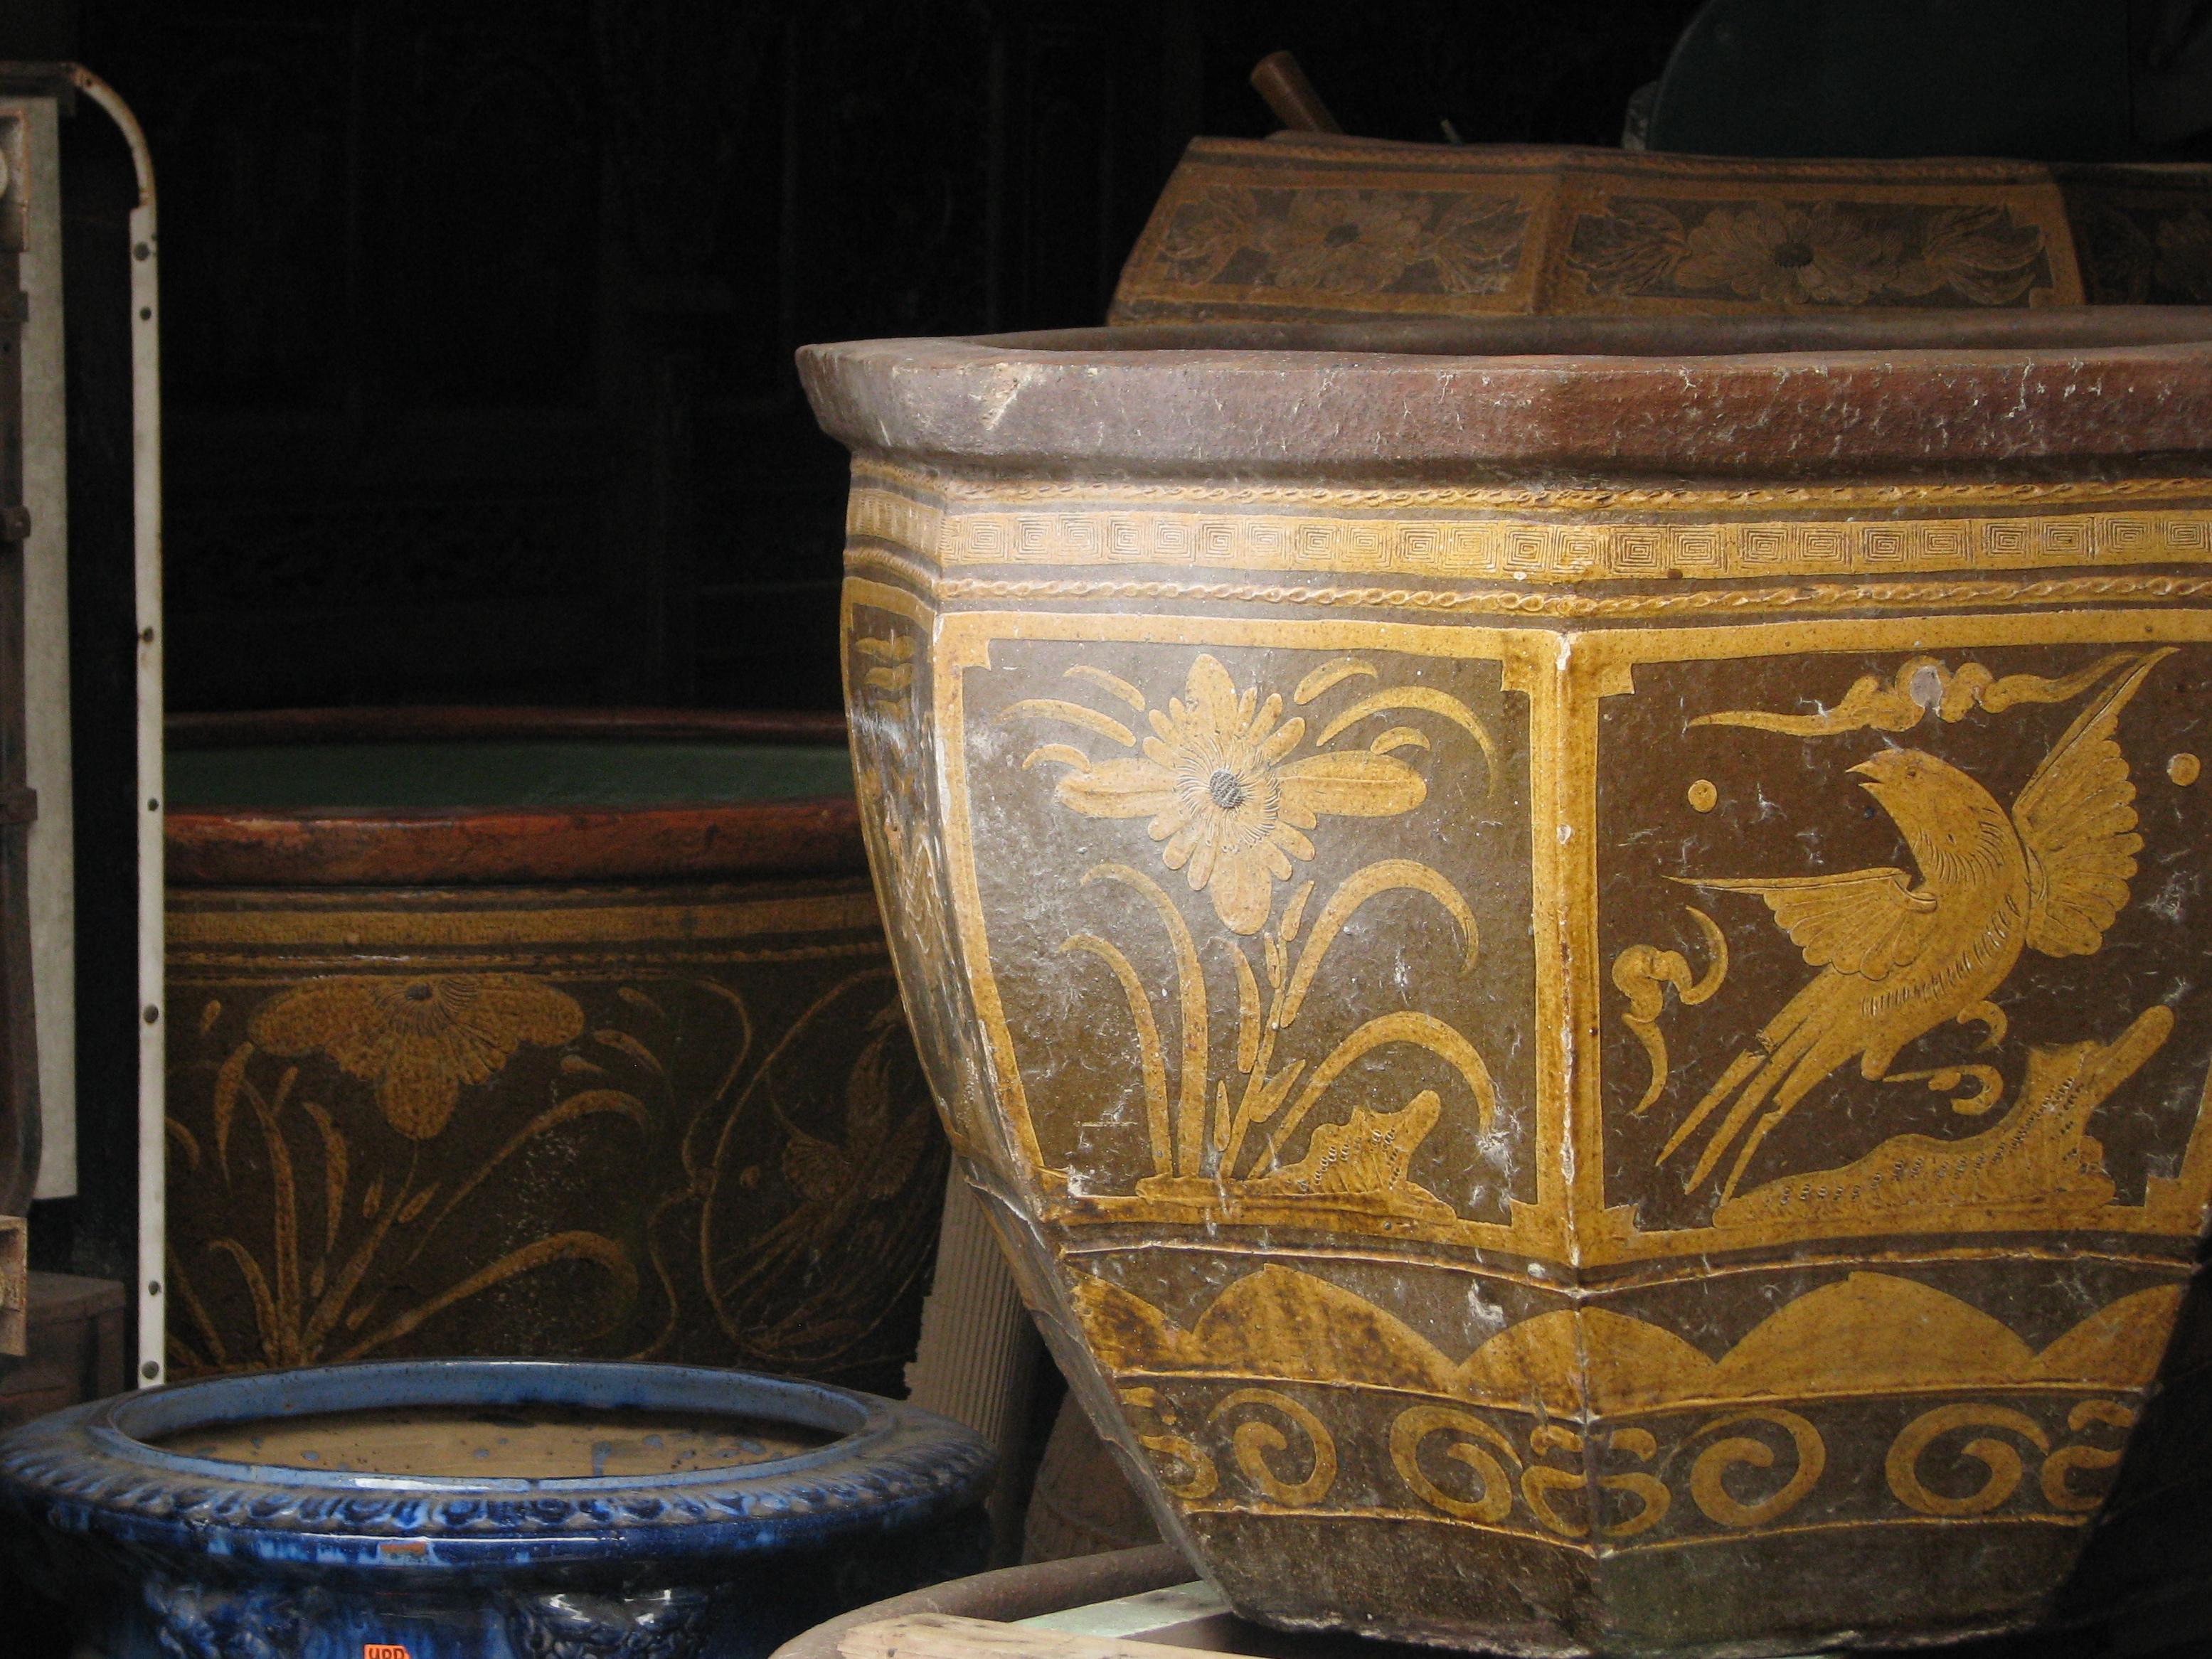 File:Malaysia - Malaka - 09 - antiques for sale (6320798242).jpg ...